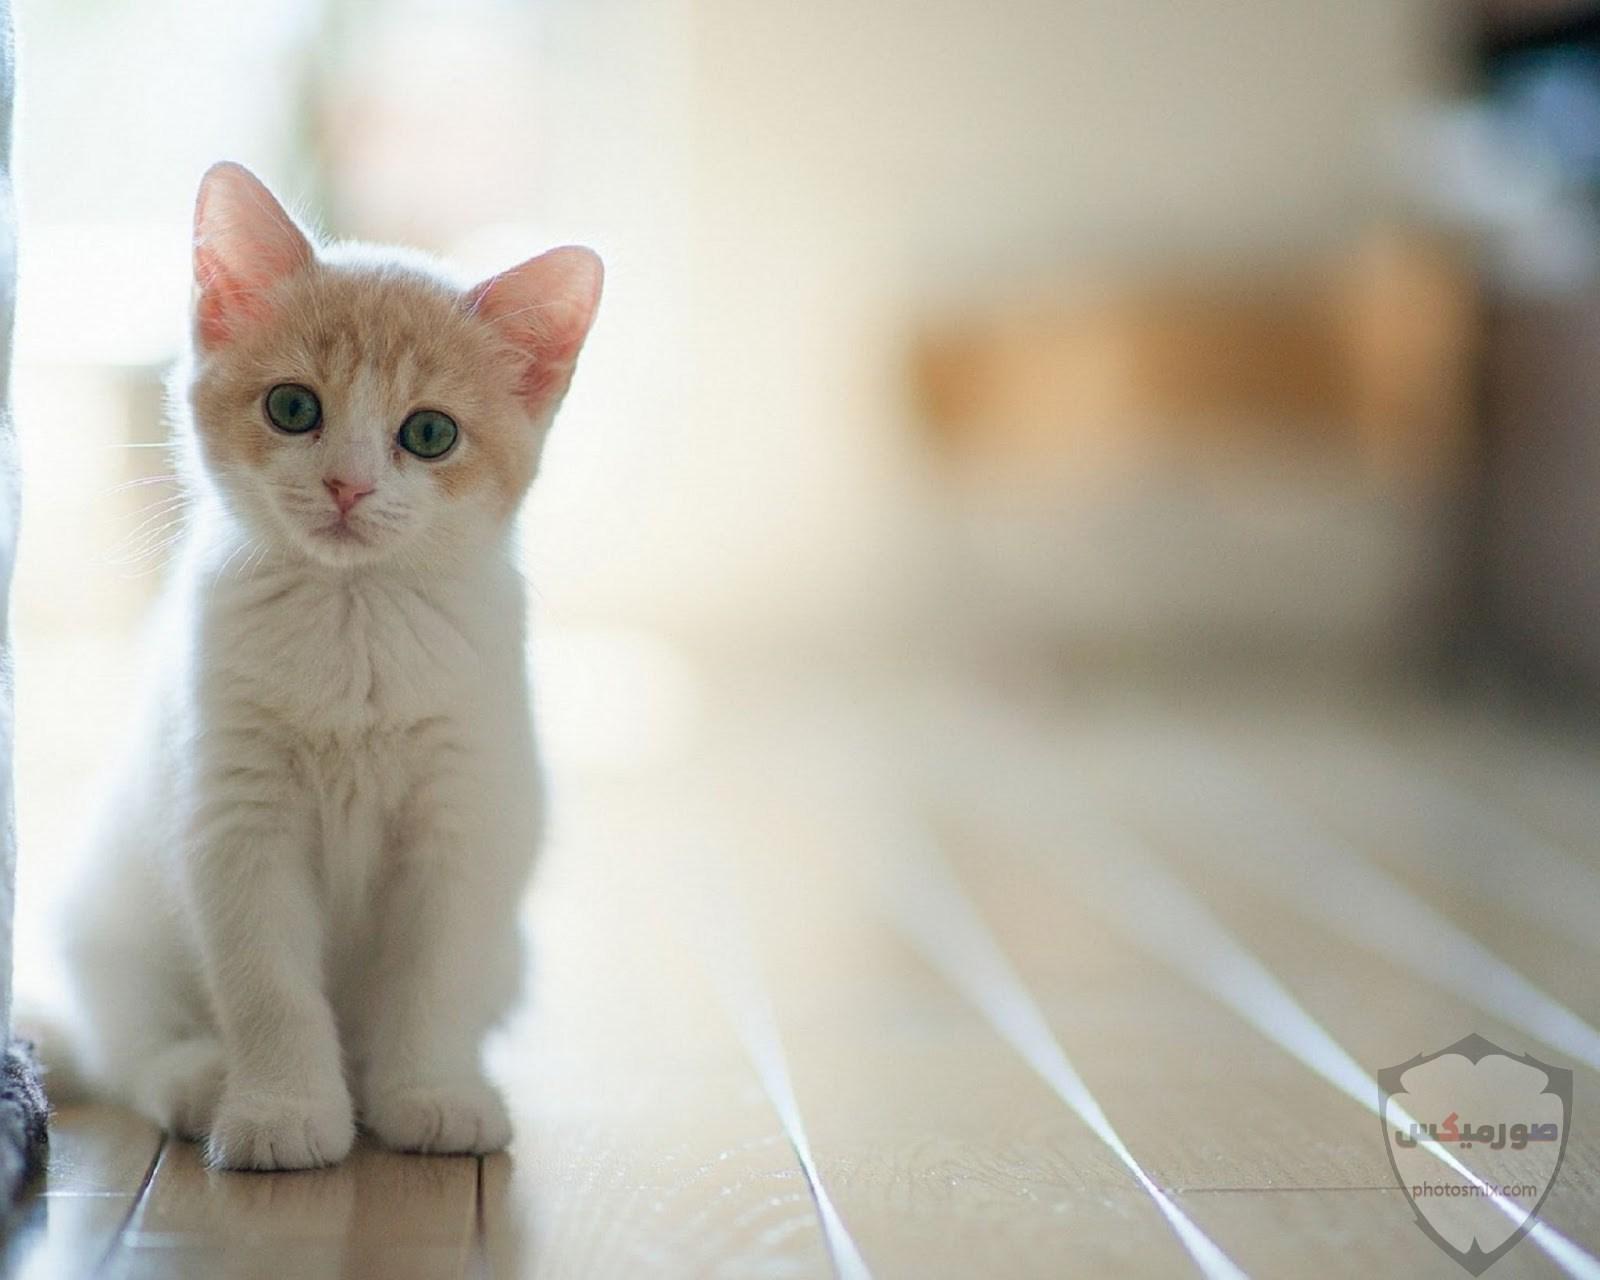 صور خلفيات رمزيات قطط كيوت صورة قطة كيوت جدا 62